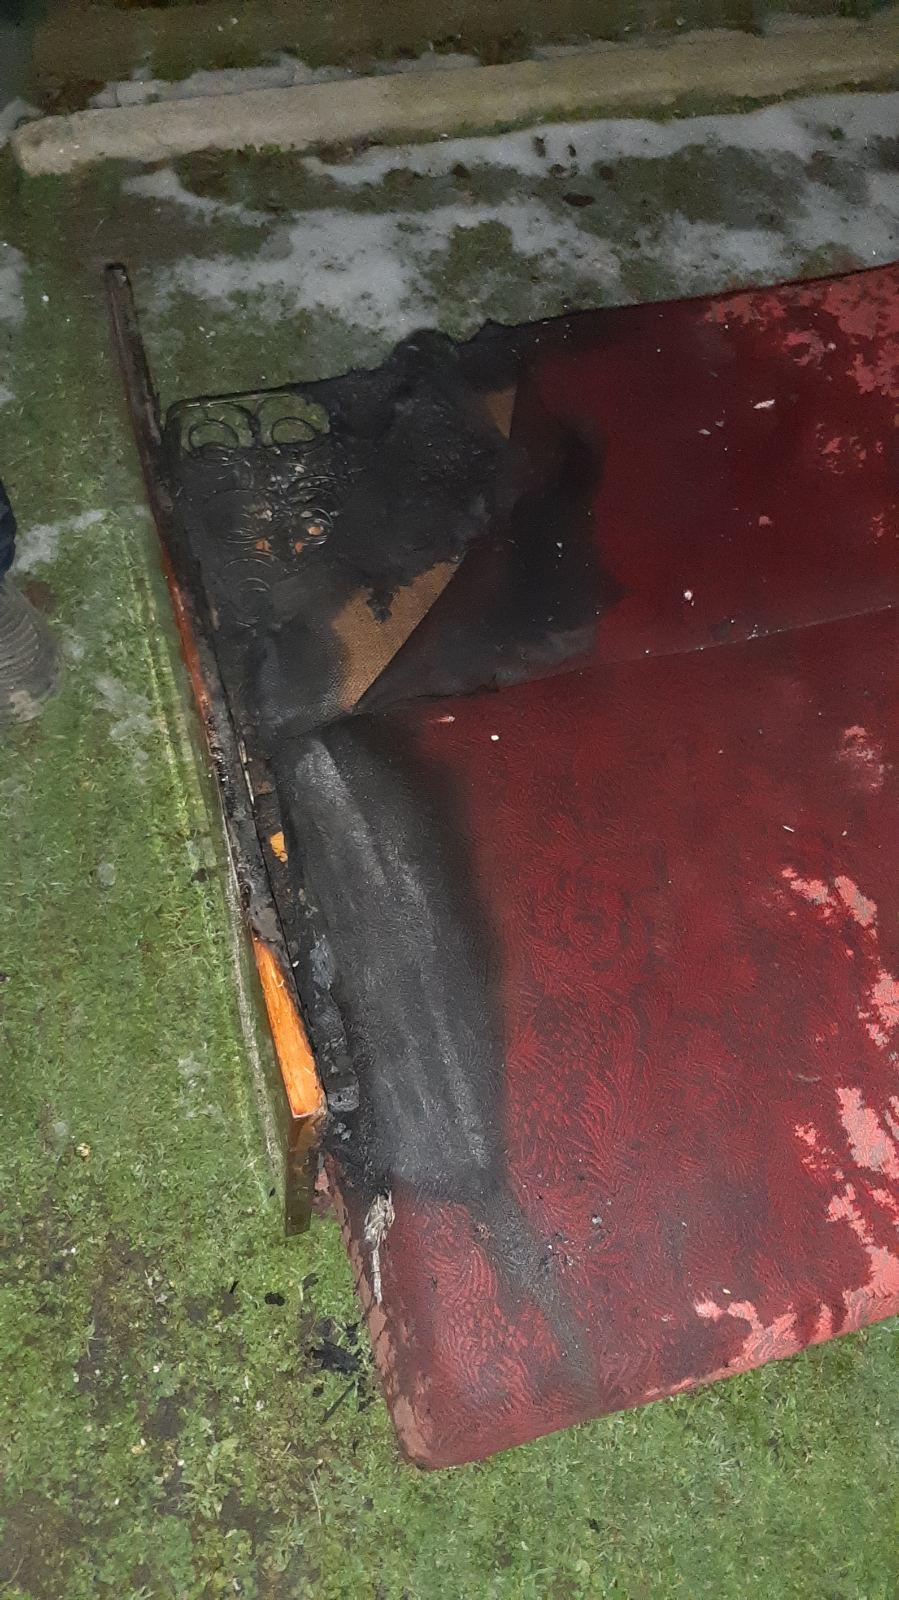 Печь стала причиной пожара в Измаильском районе: хозяйка дома в реанимации